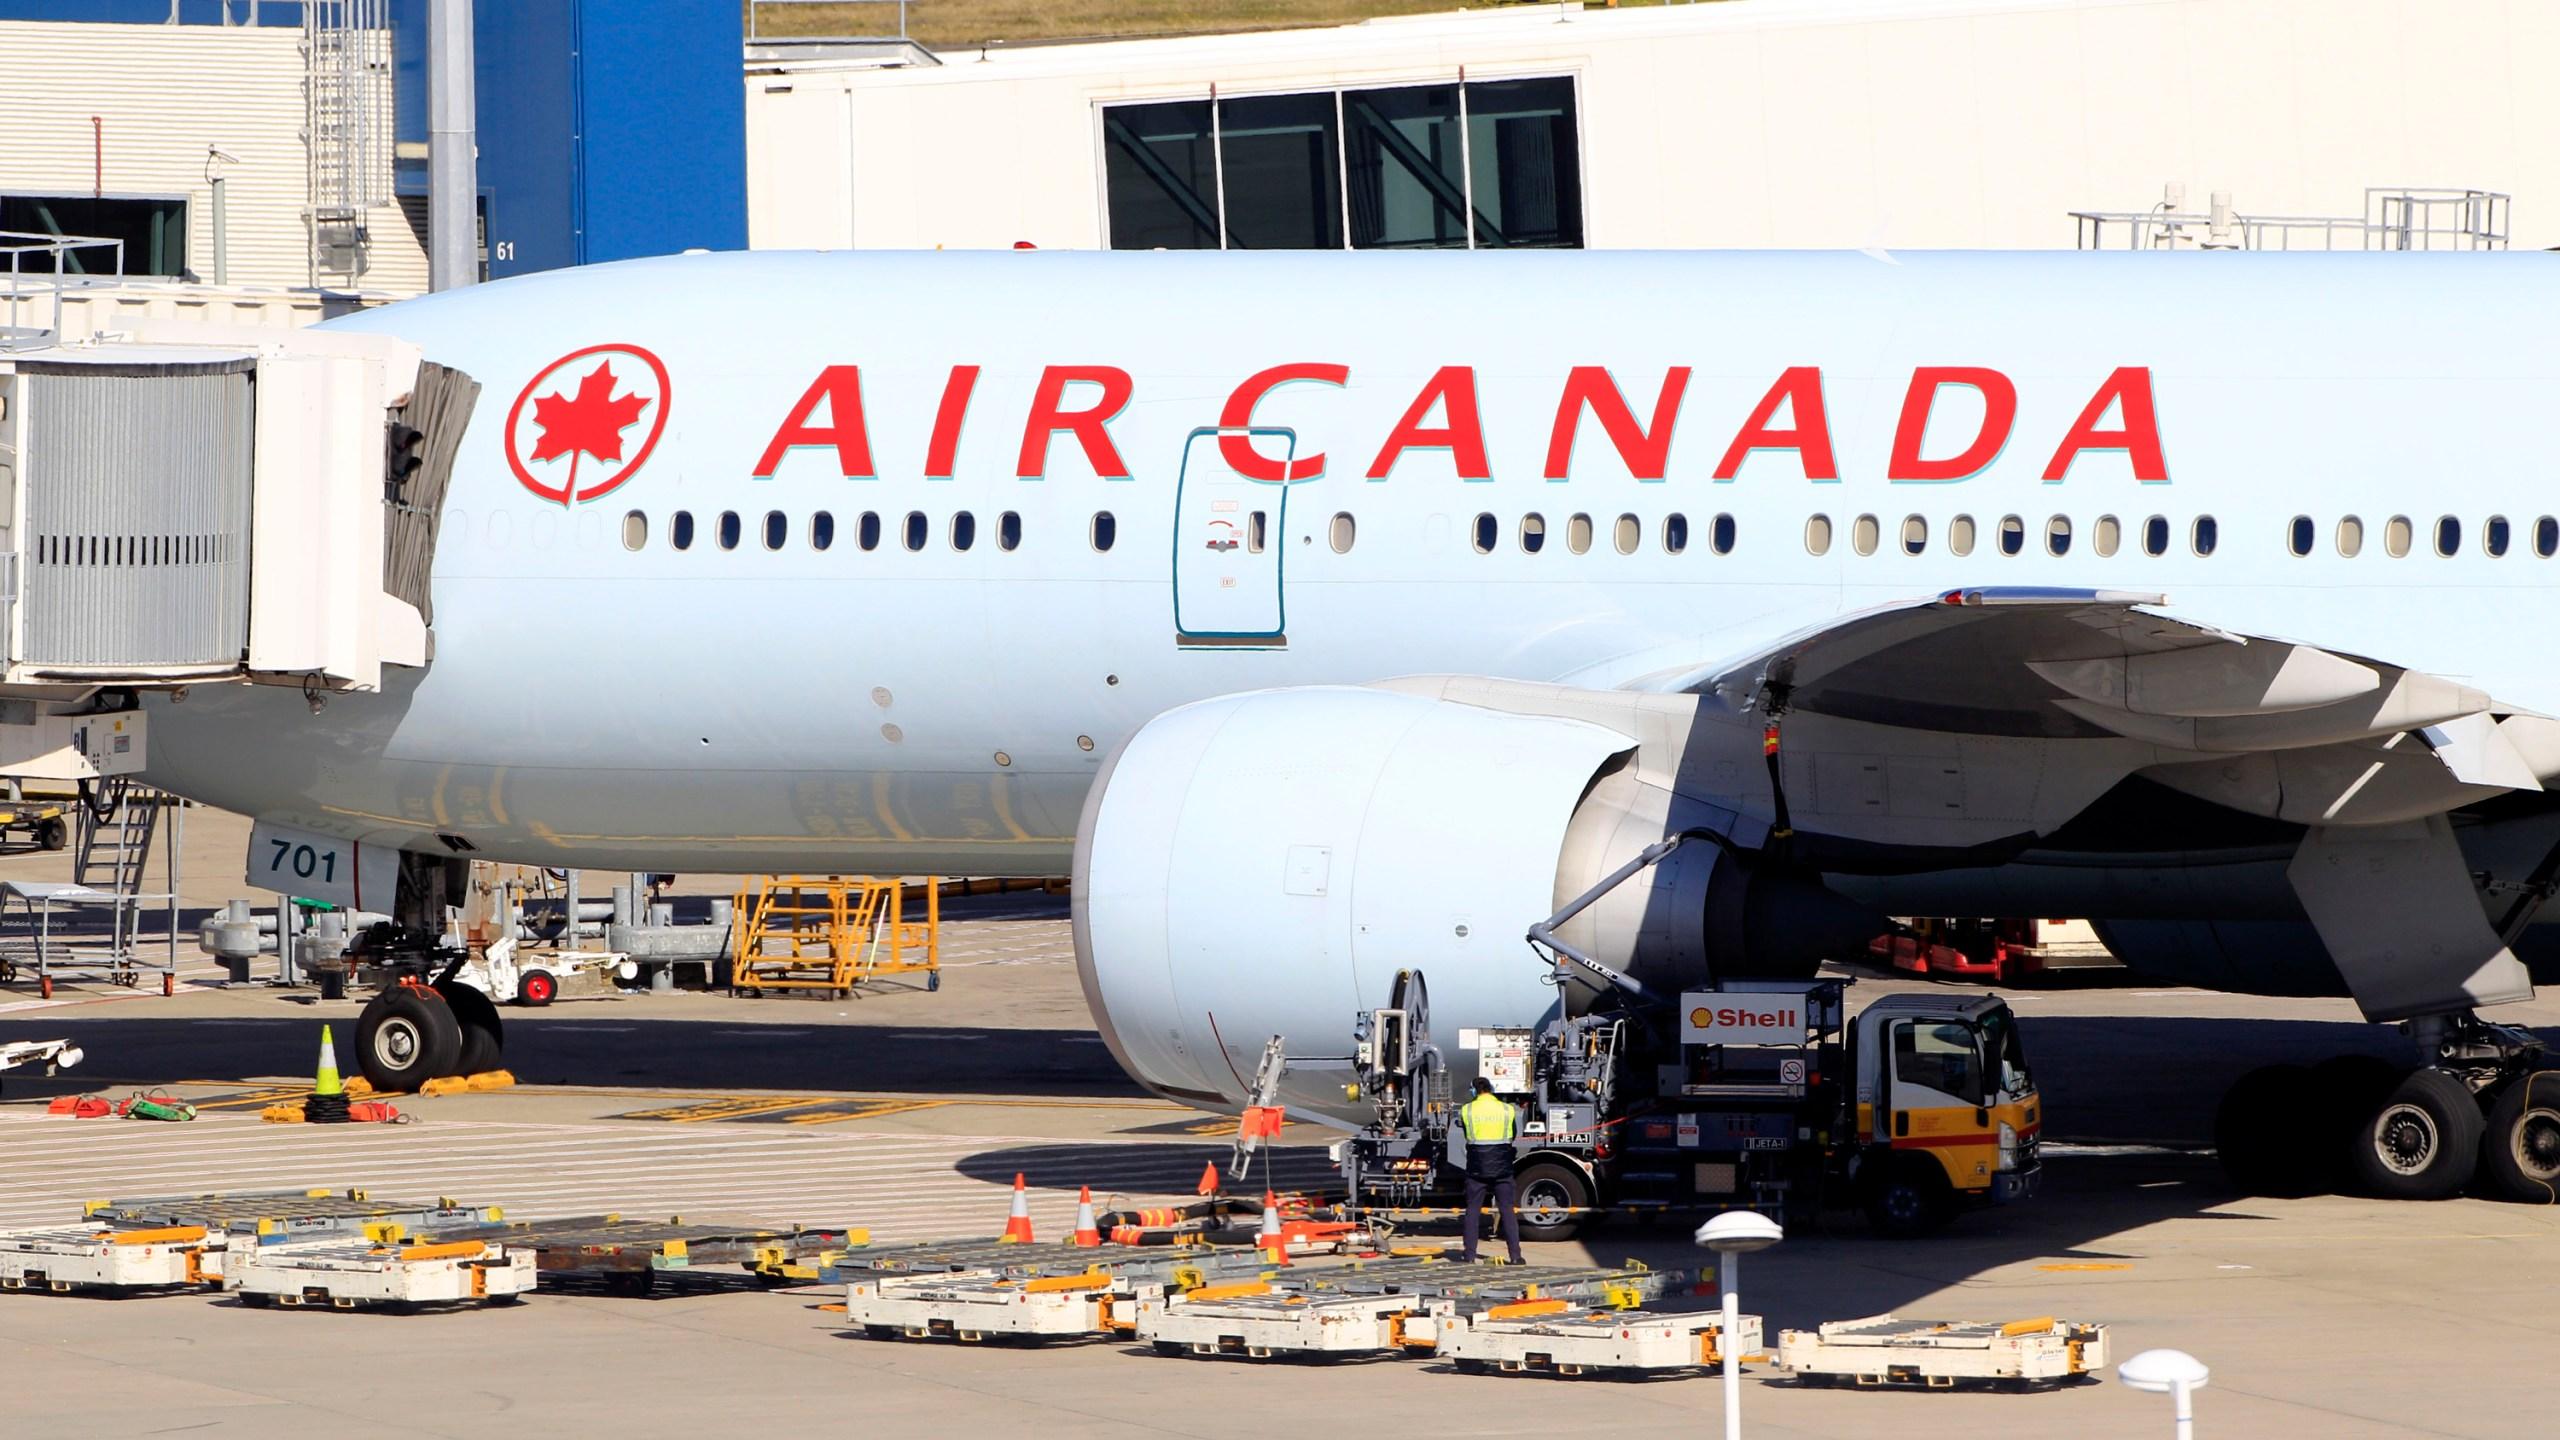 Air Canada_307729